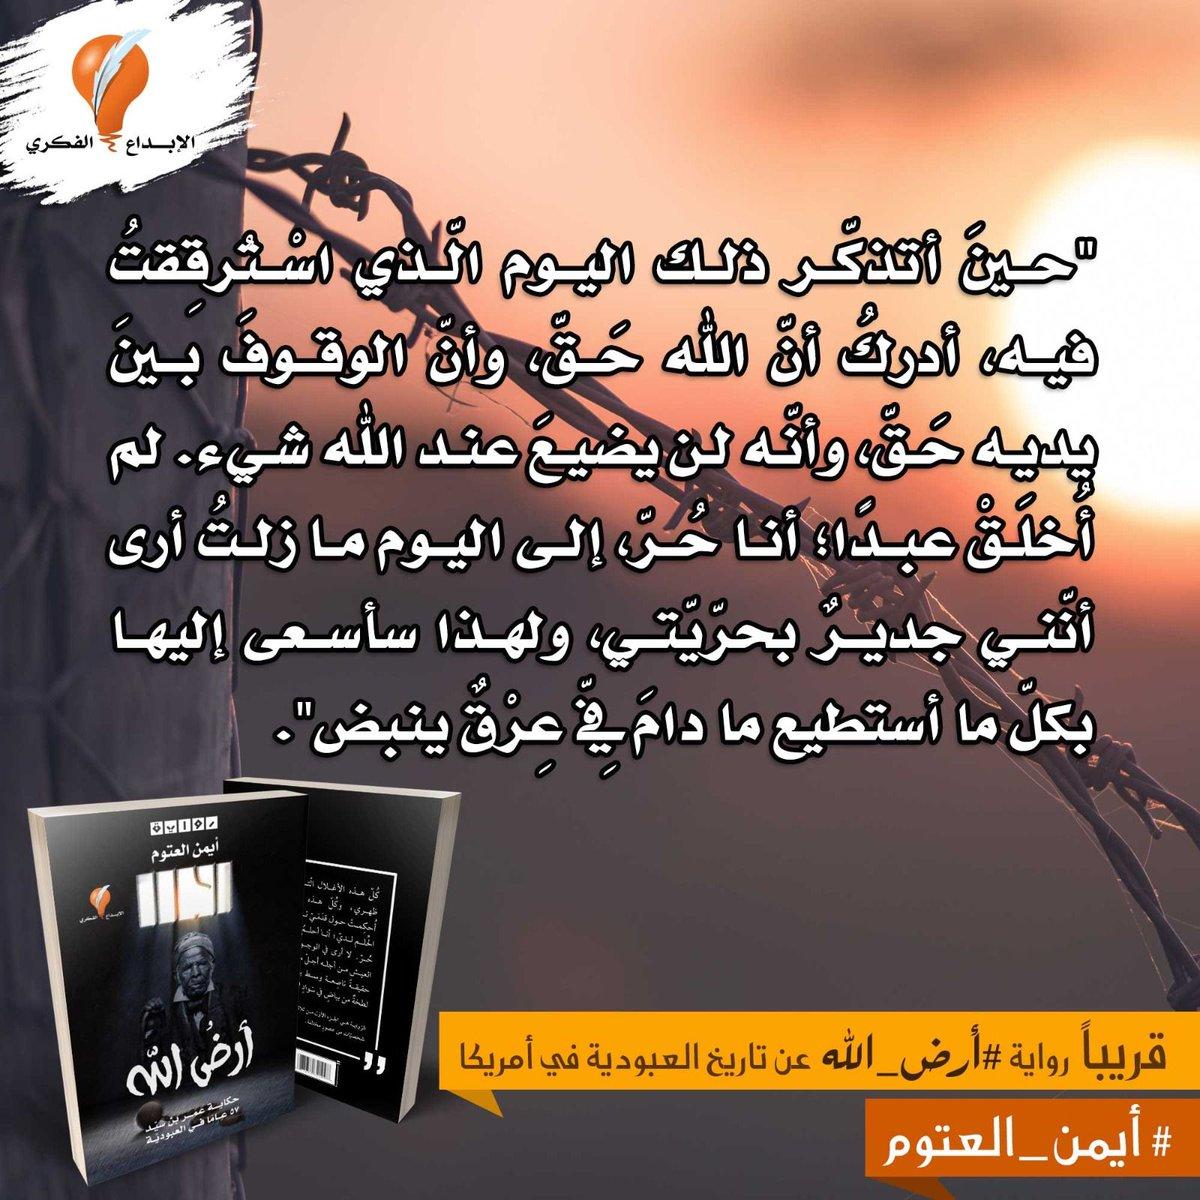 #ترقبوا #أرض_الله #أيمن_العتوم https://t.co/l0SXGLoBMe